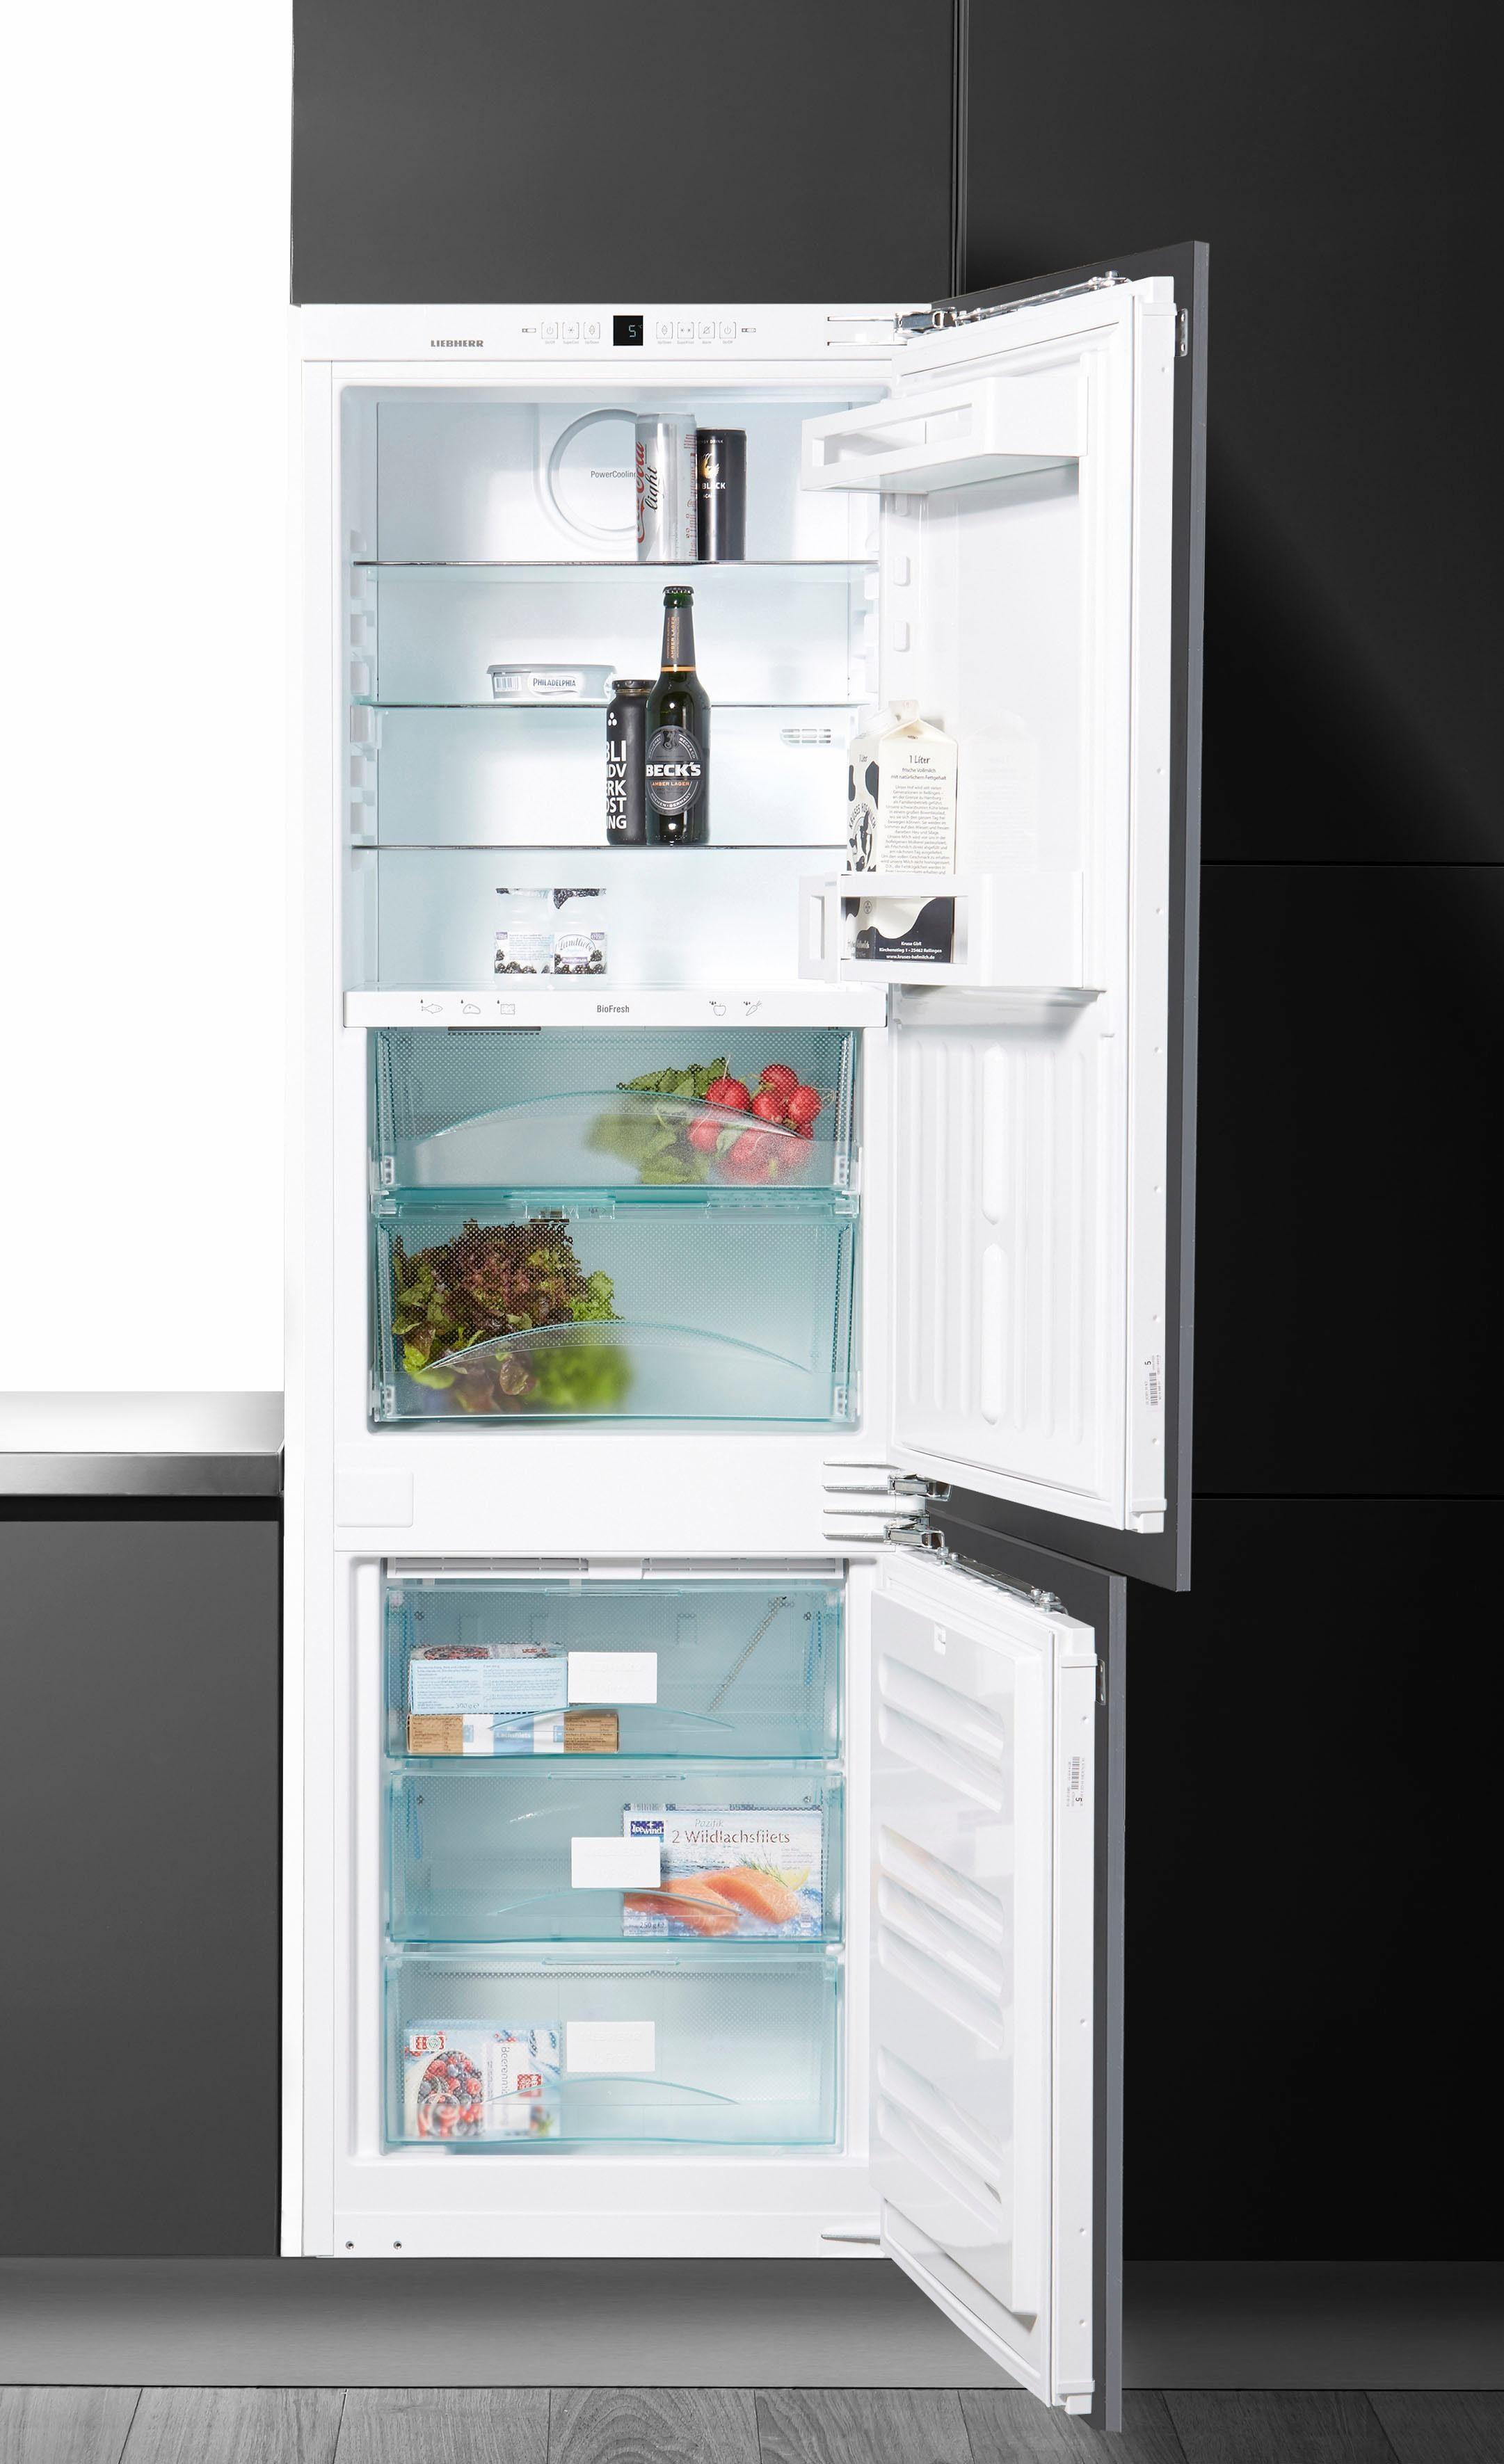 Liebherr Einbaukühlschrank ICBN3324-20, 177 cm hoch, 54,5 cm breit, Energieeffizienzklasse: A++, 177 cm hoch